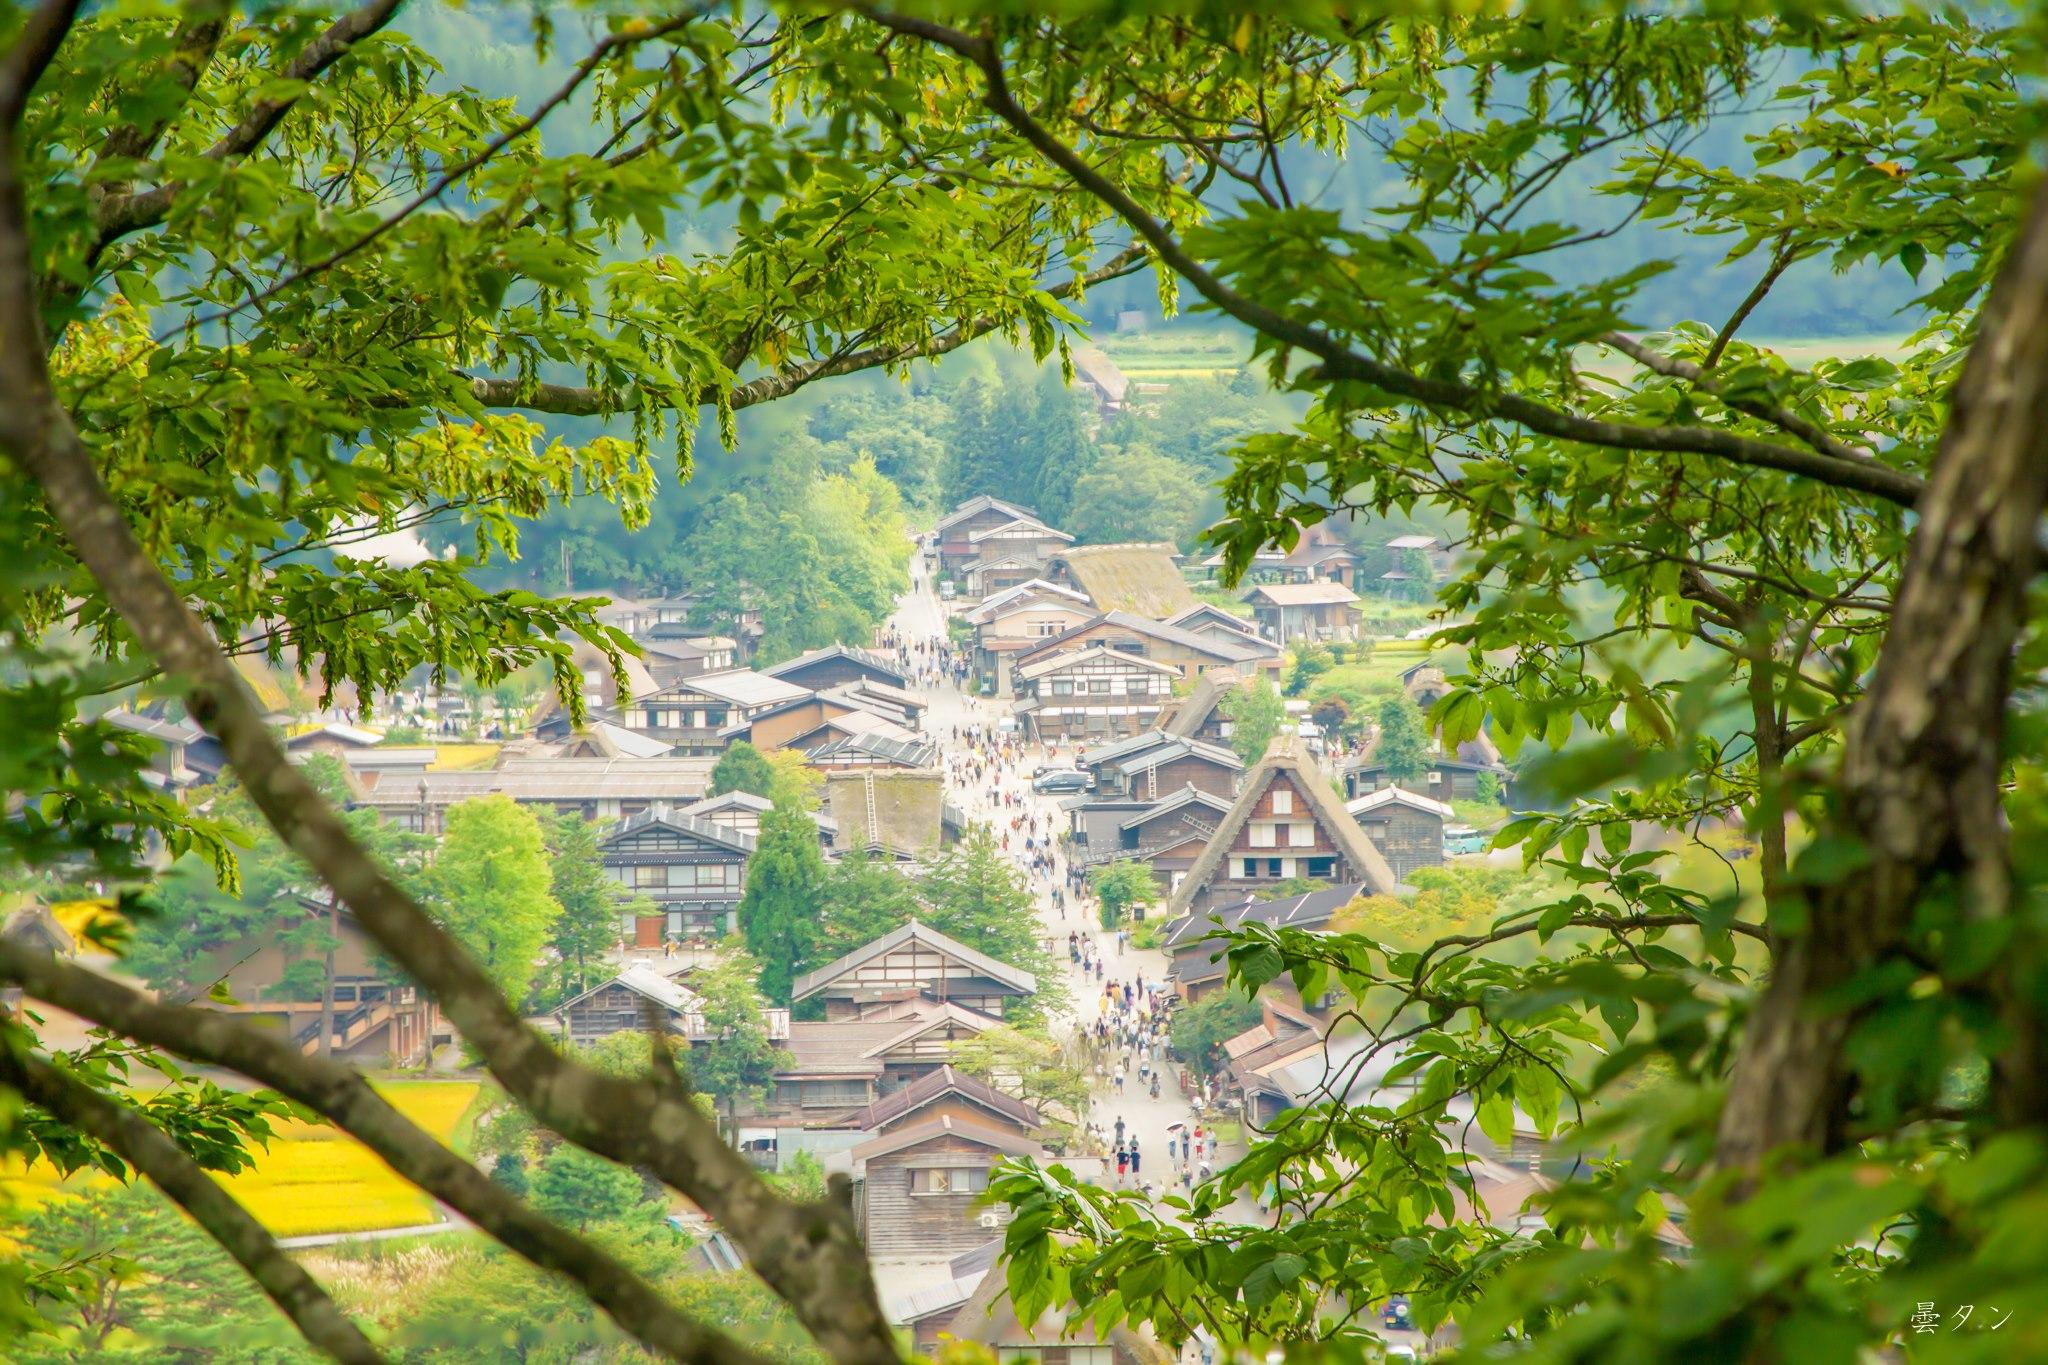 Làng cổ shirakawago mùa hè qua một góc chụp thú vị